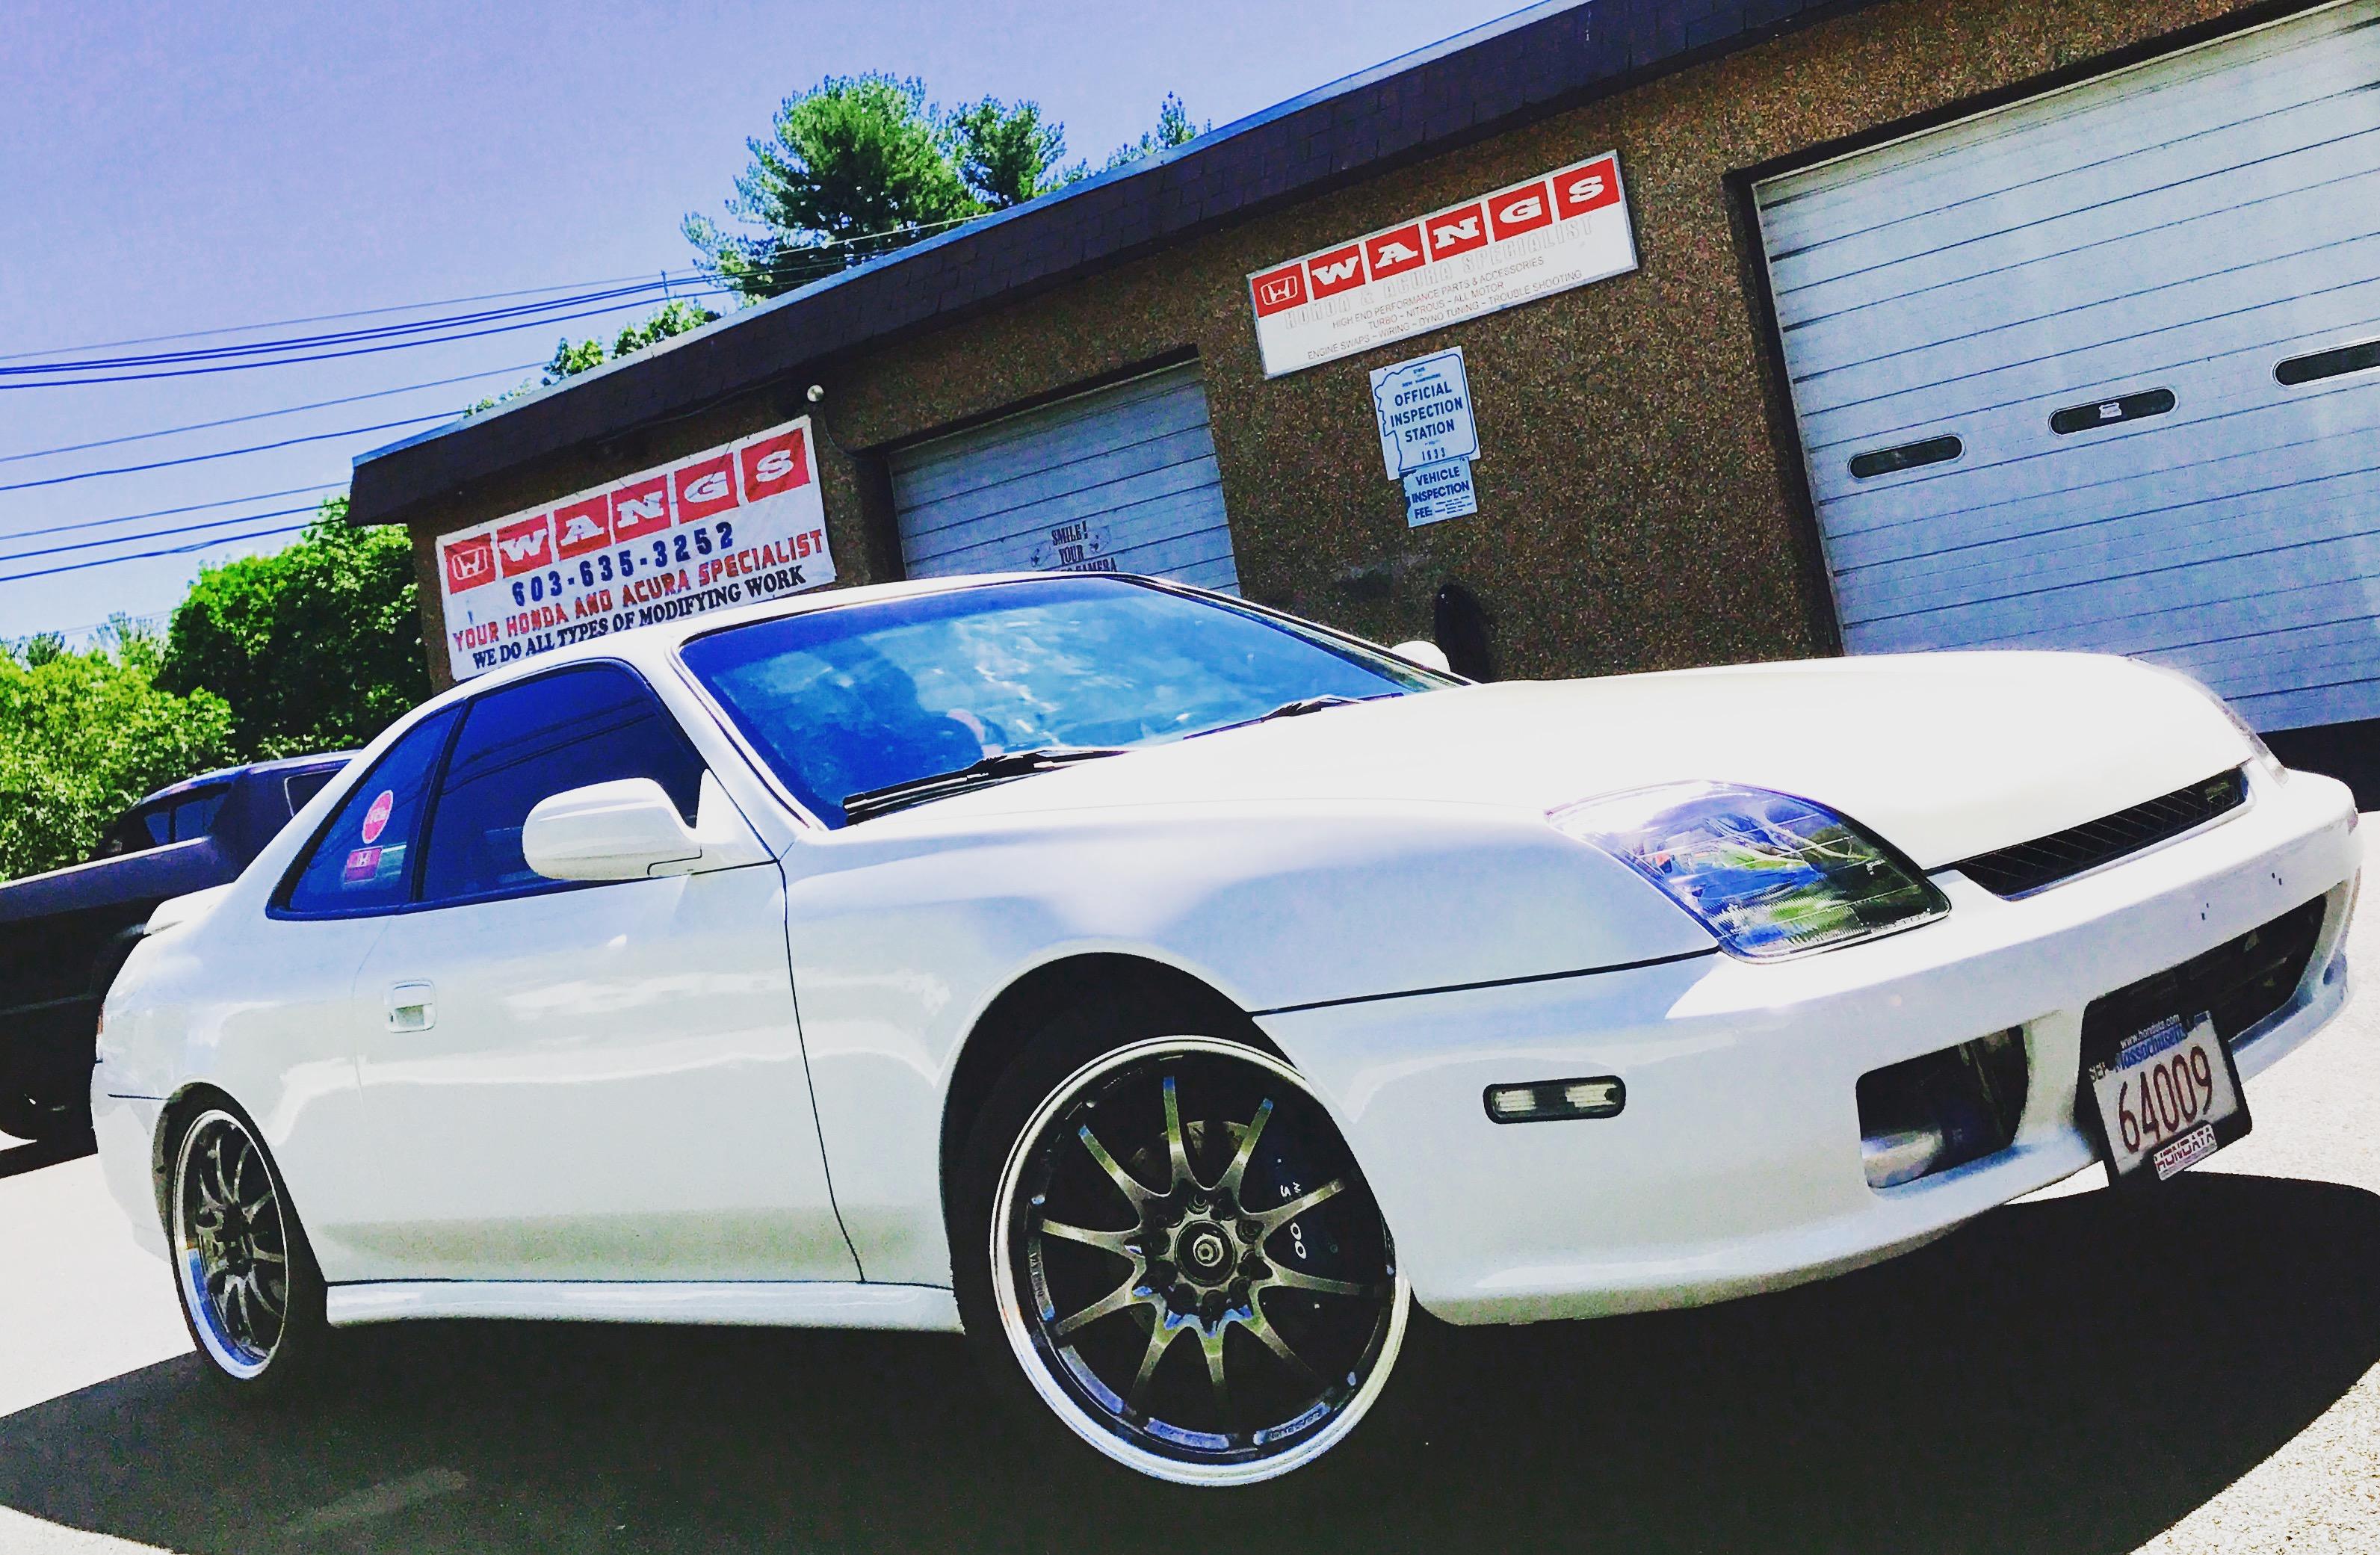 WANG AUTO INC - Pelham, NH 03076 - (603)635-3252 | ShowMeLocal.com